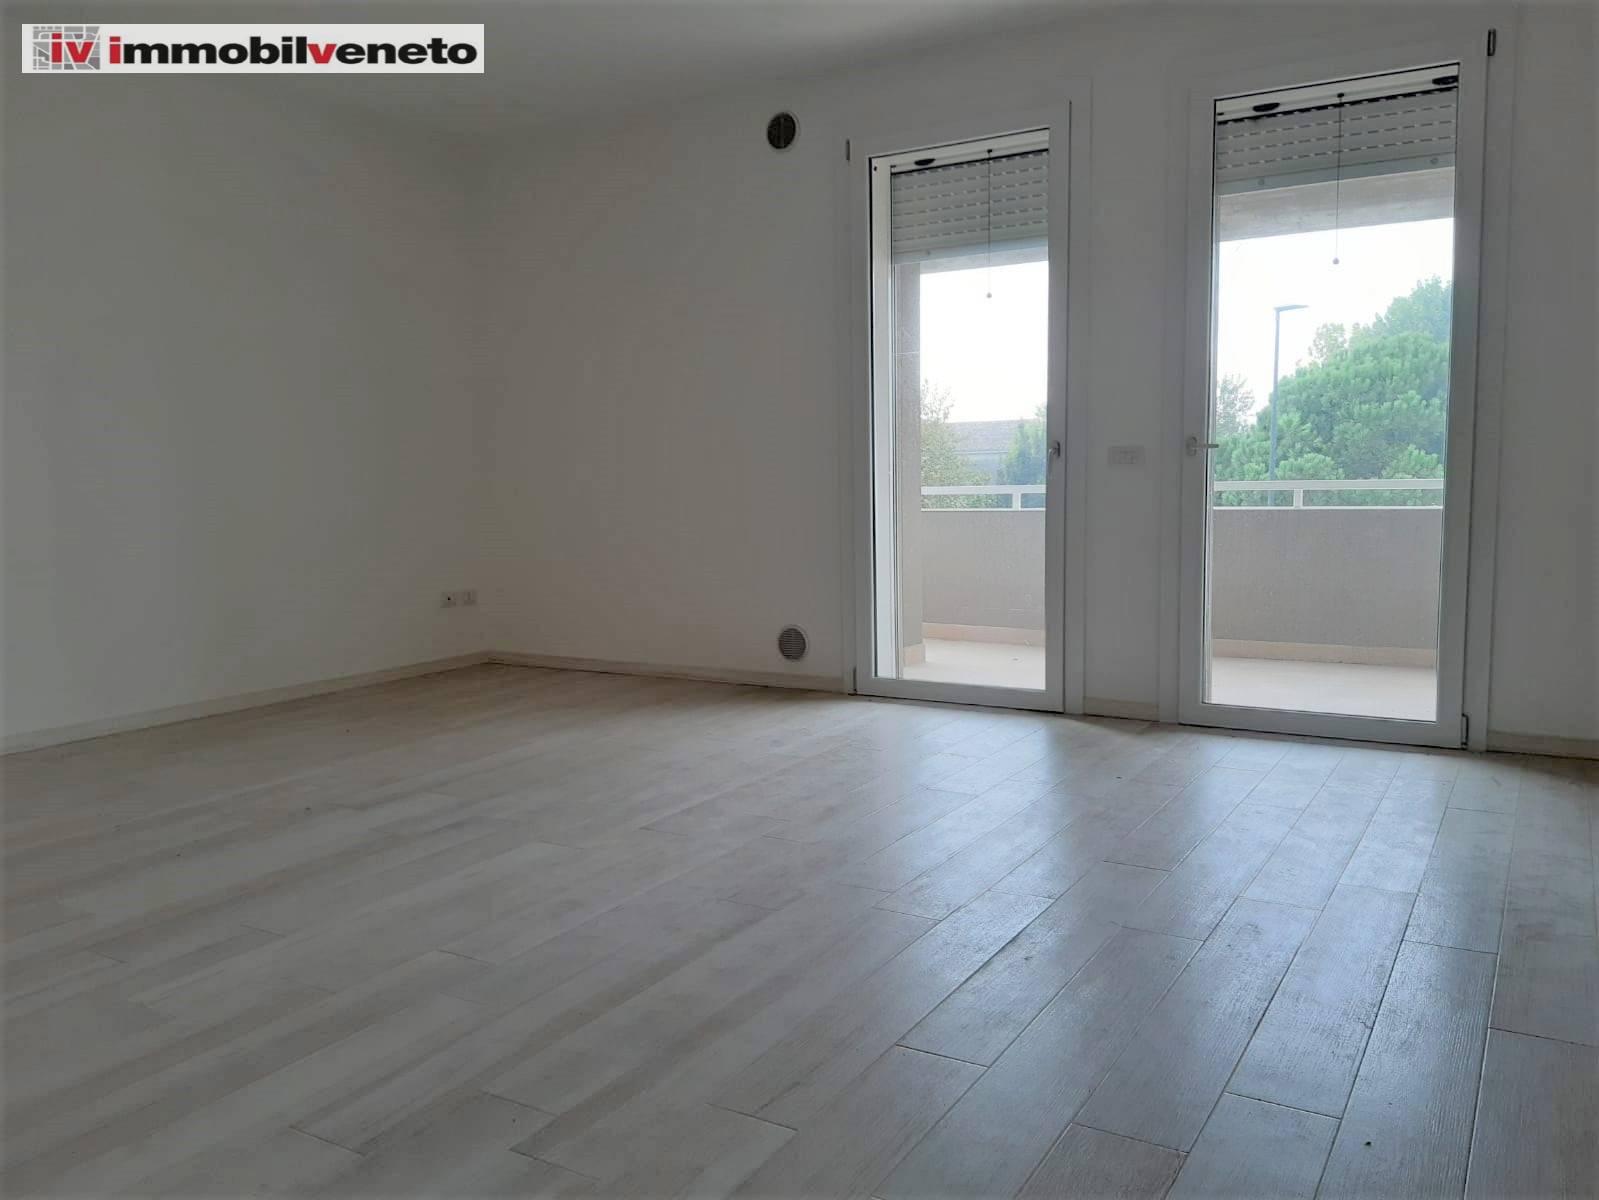 Appartamento in vendita a Noventa Vicentina, 4 locali, Trattative riservate | CambioCasa.it